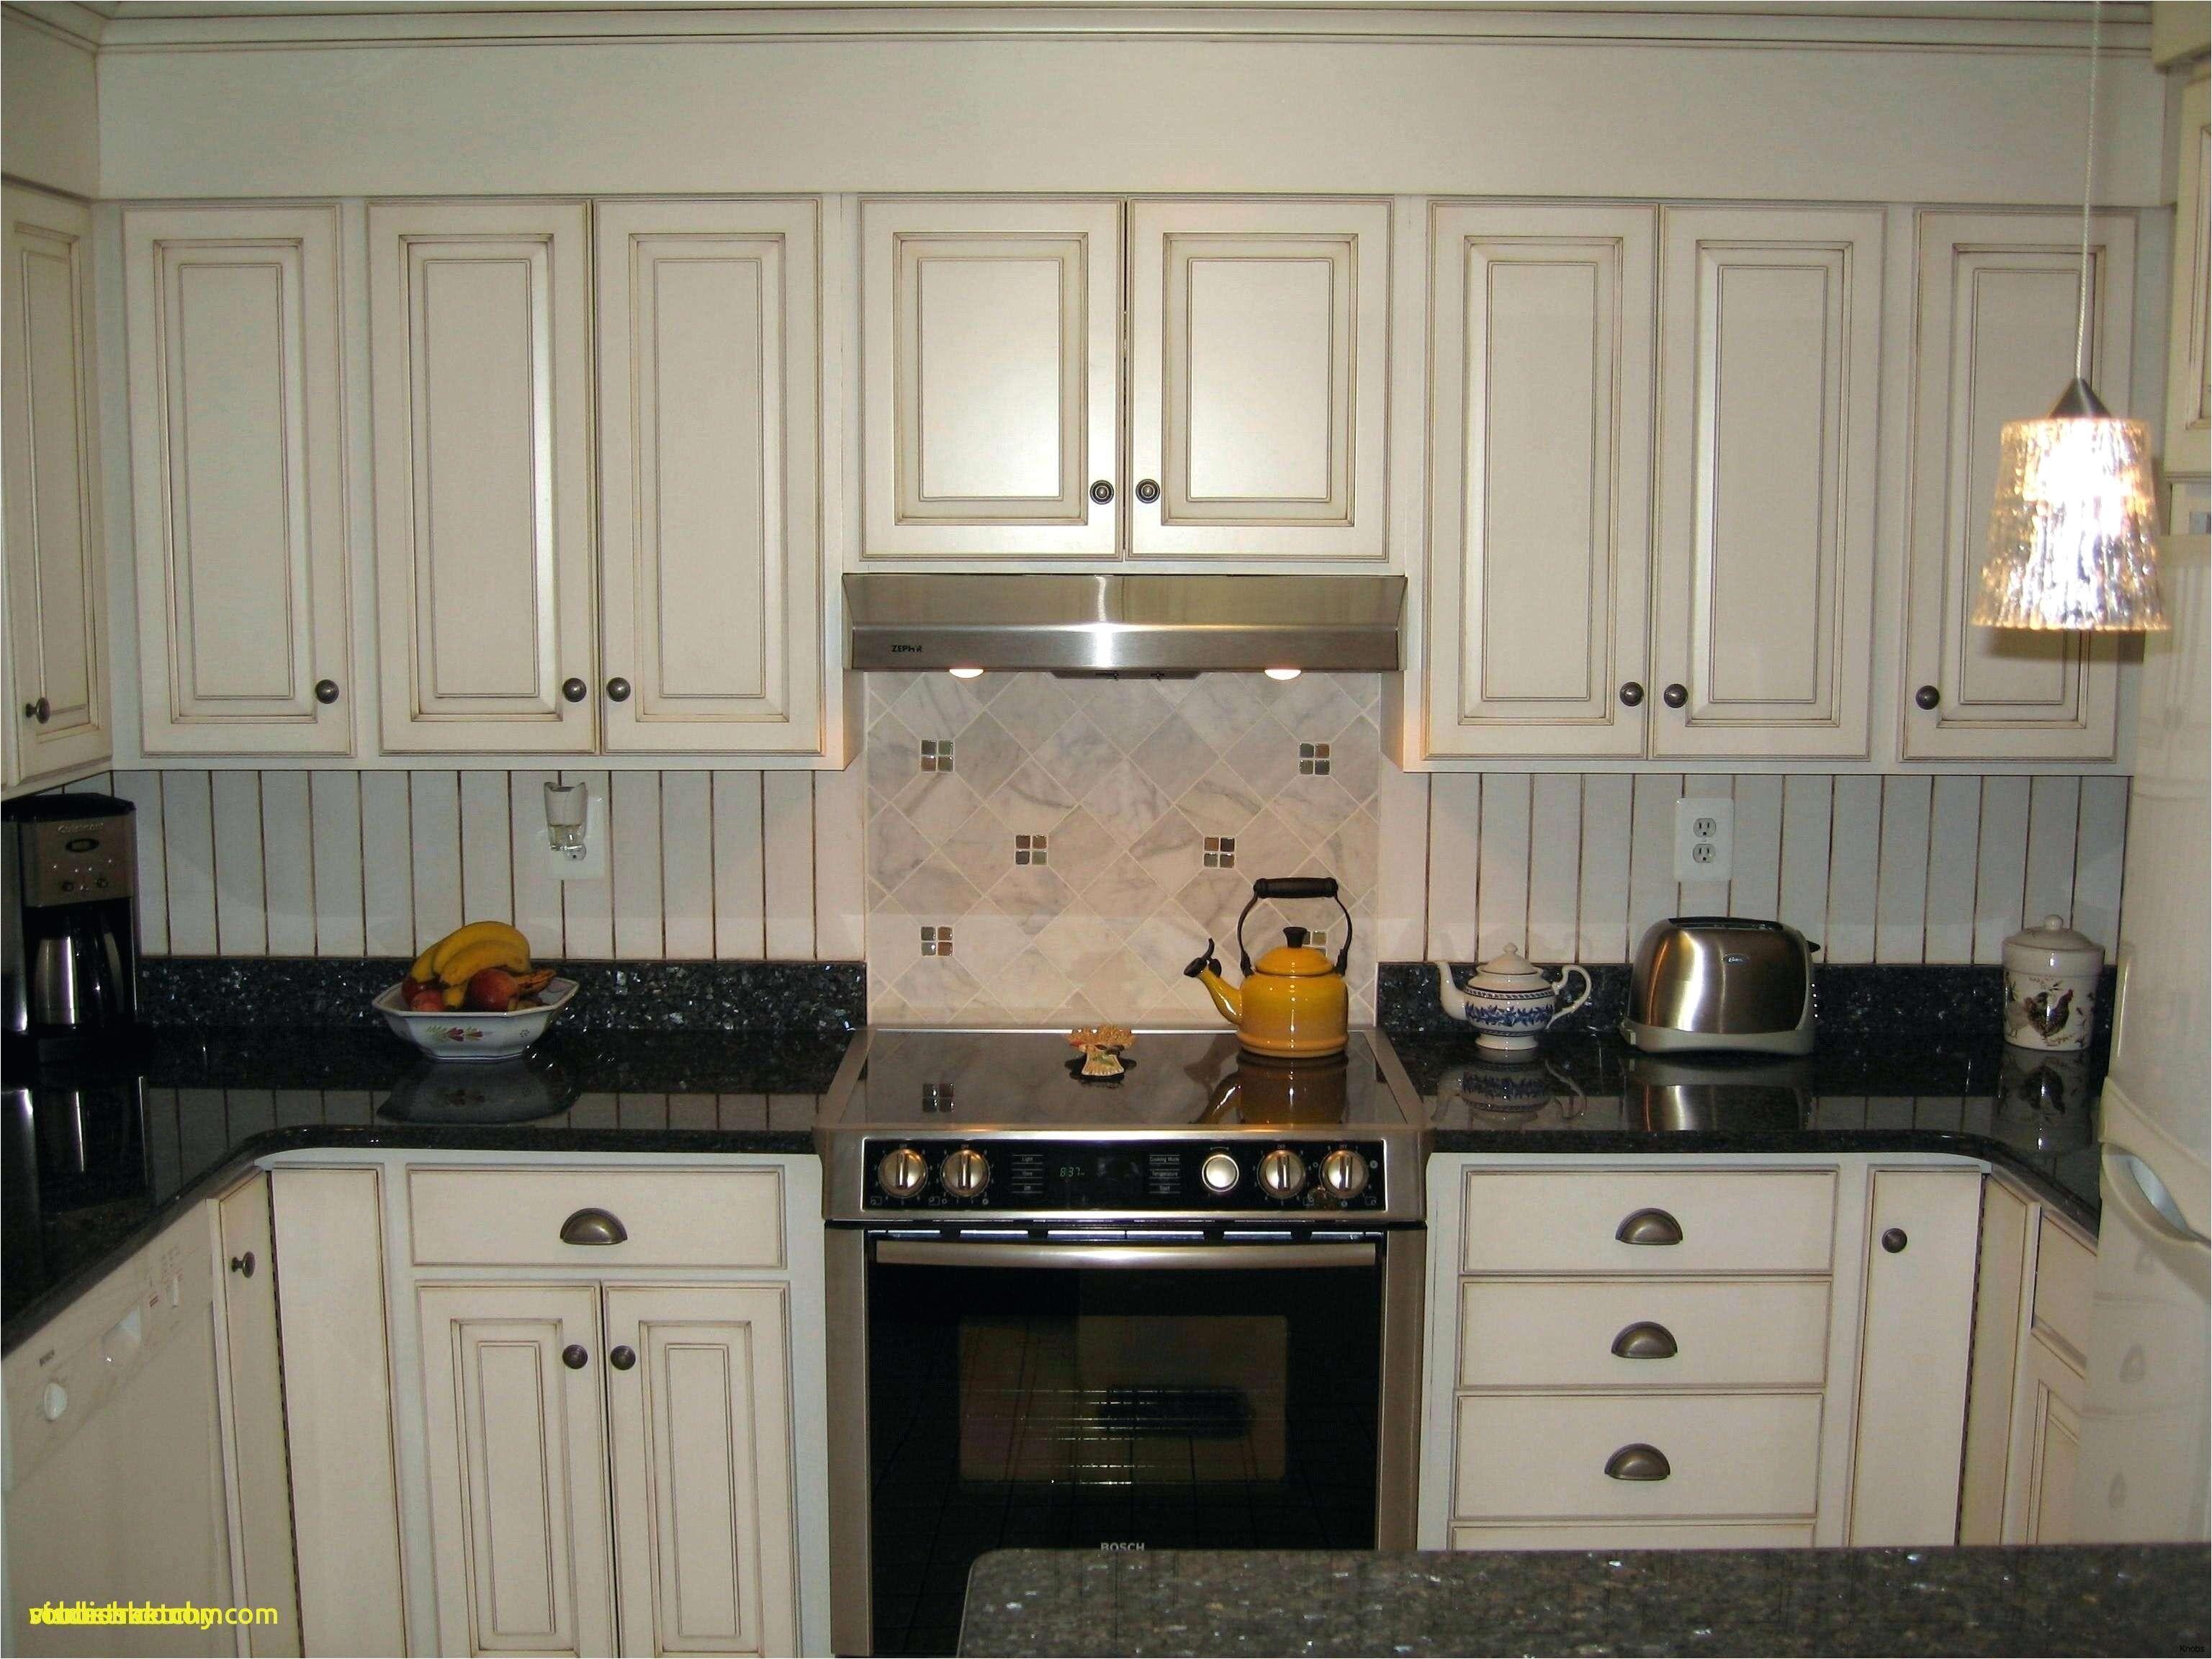 Kitchen Hardware Ideas Idea Kitchen Cabinets New Kitchen Hardware Best Kitchen Hardware 0d